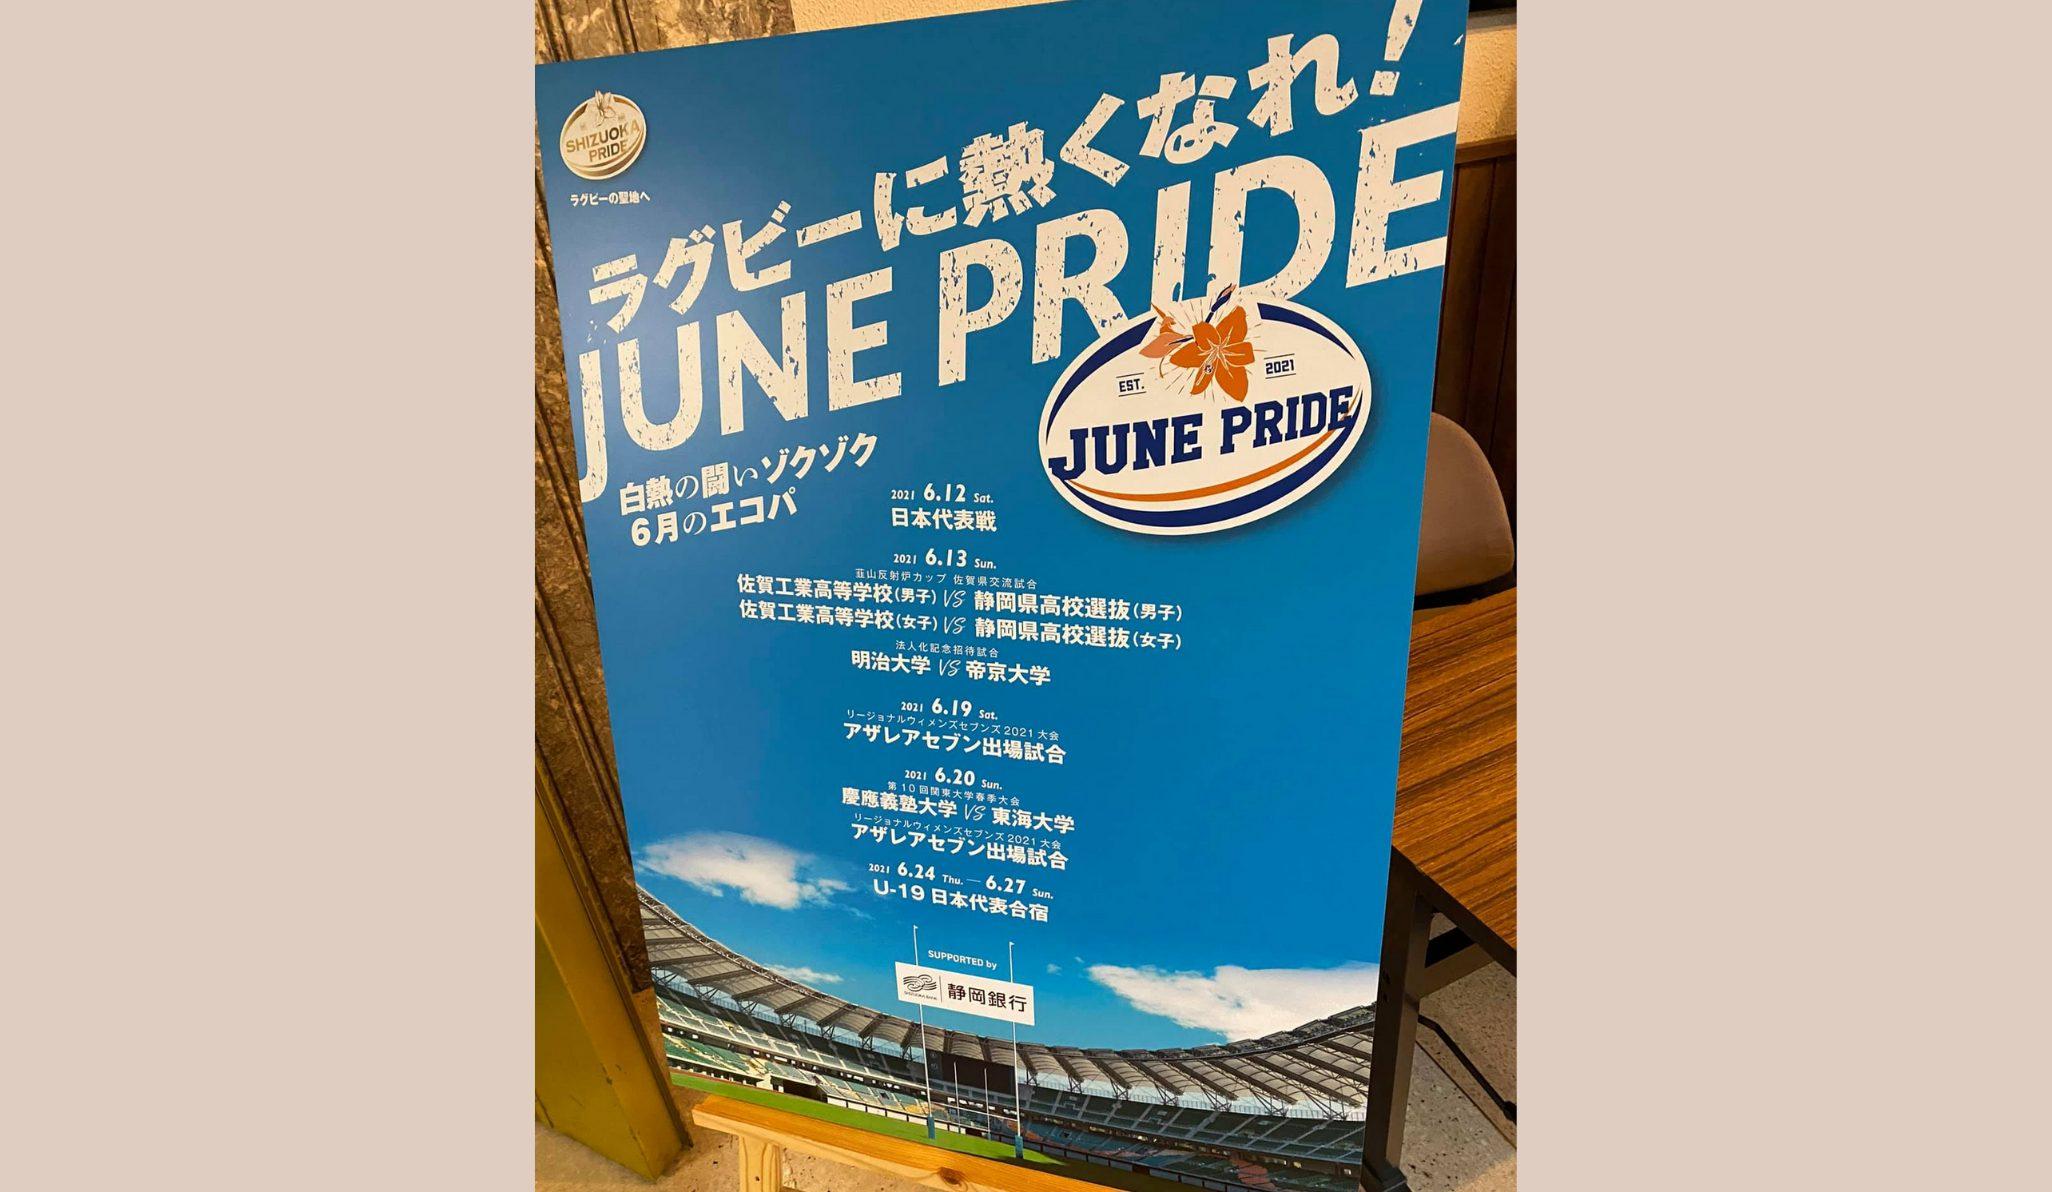 (社)静岡県ラグビーフットボール協会 理事に就任いたしました